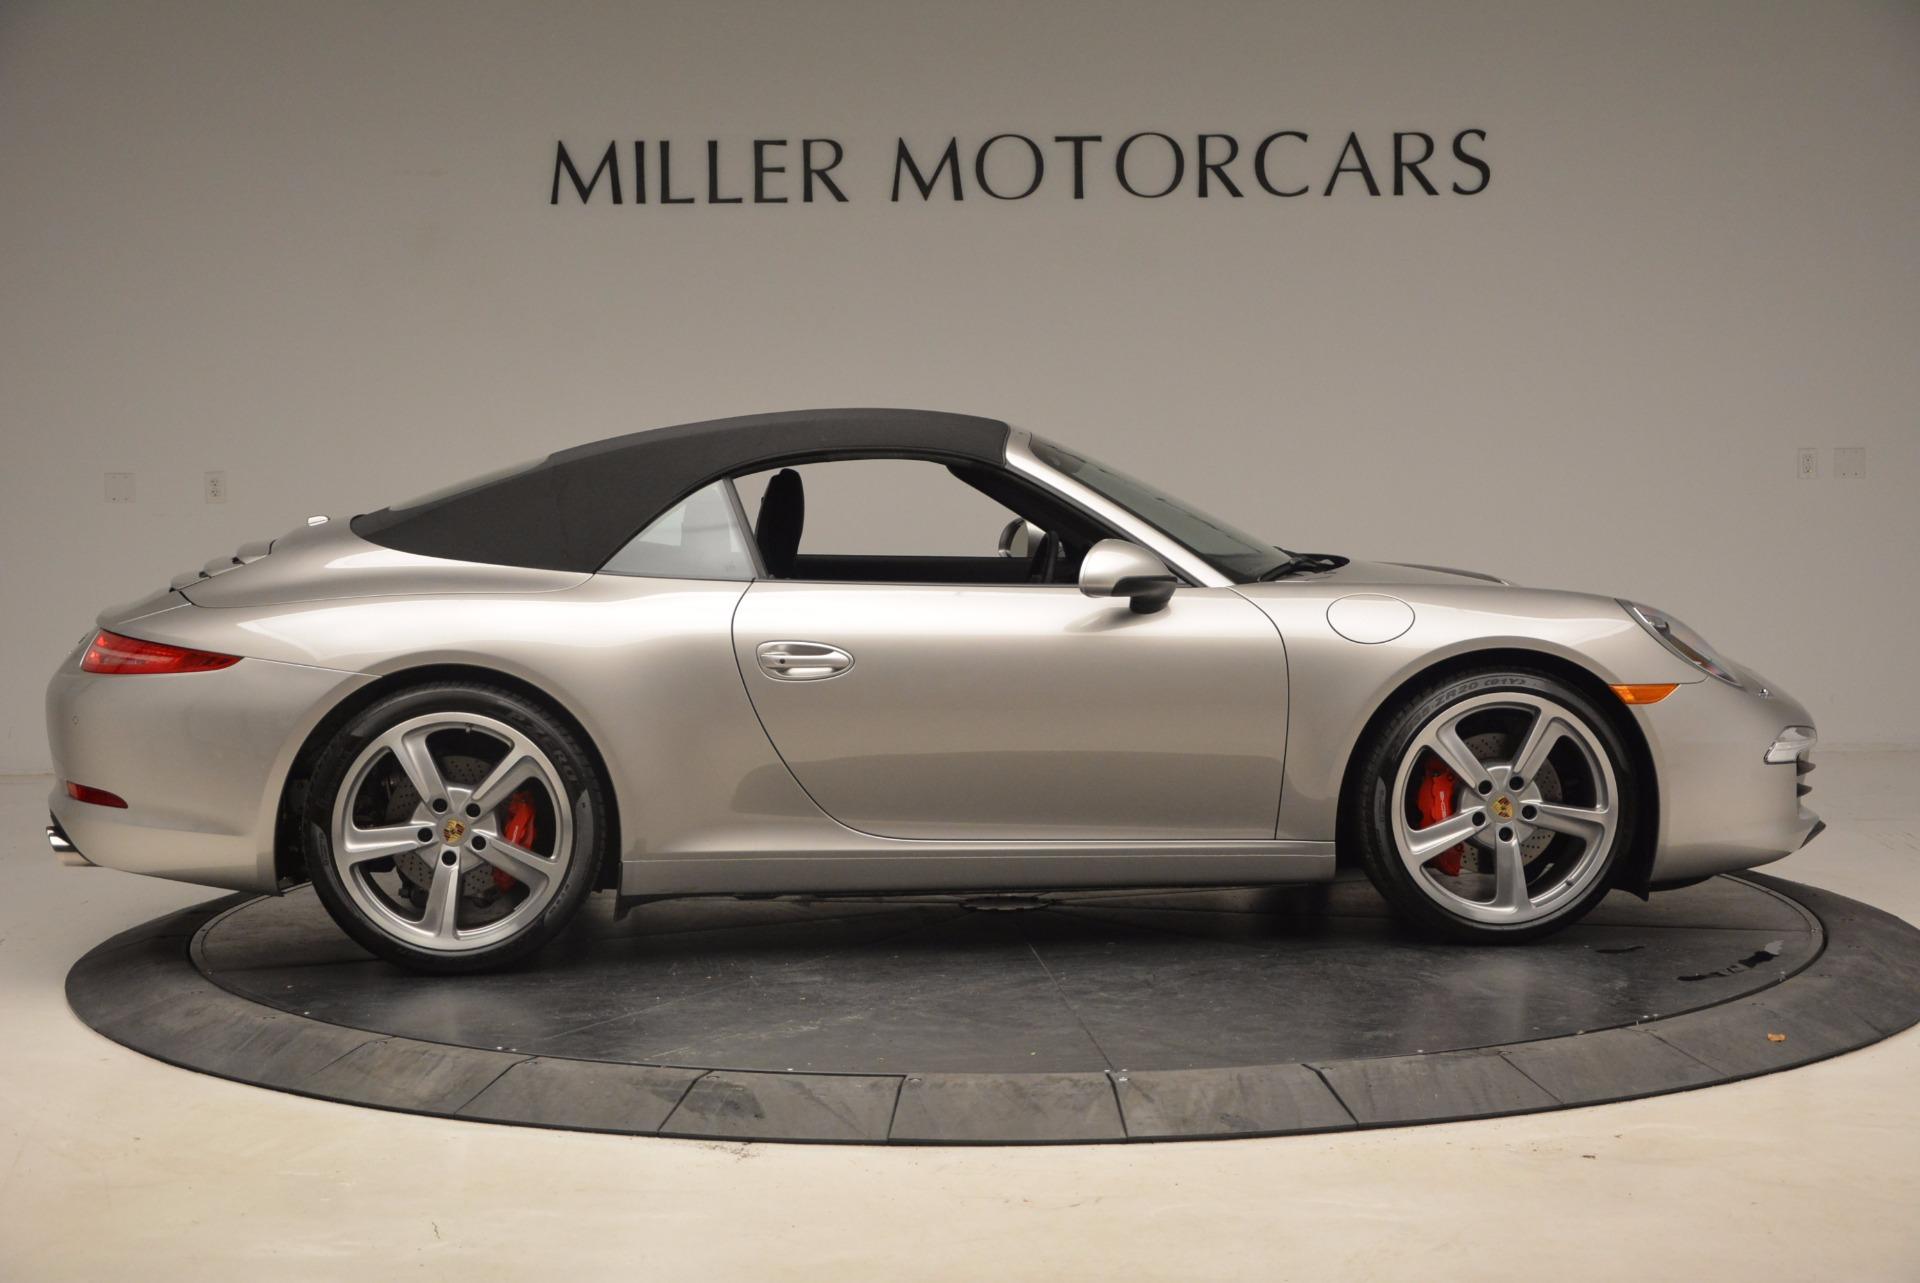 Used 2012 Porsche 911 Carrera S For Sale In Greenwich, CT 1790_p4